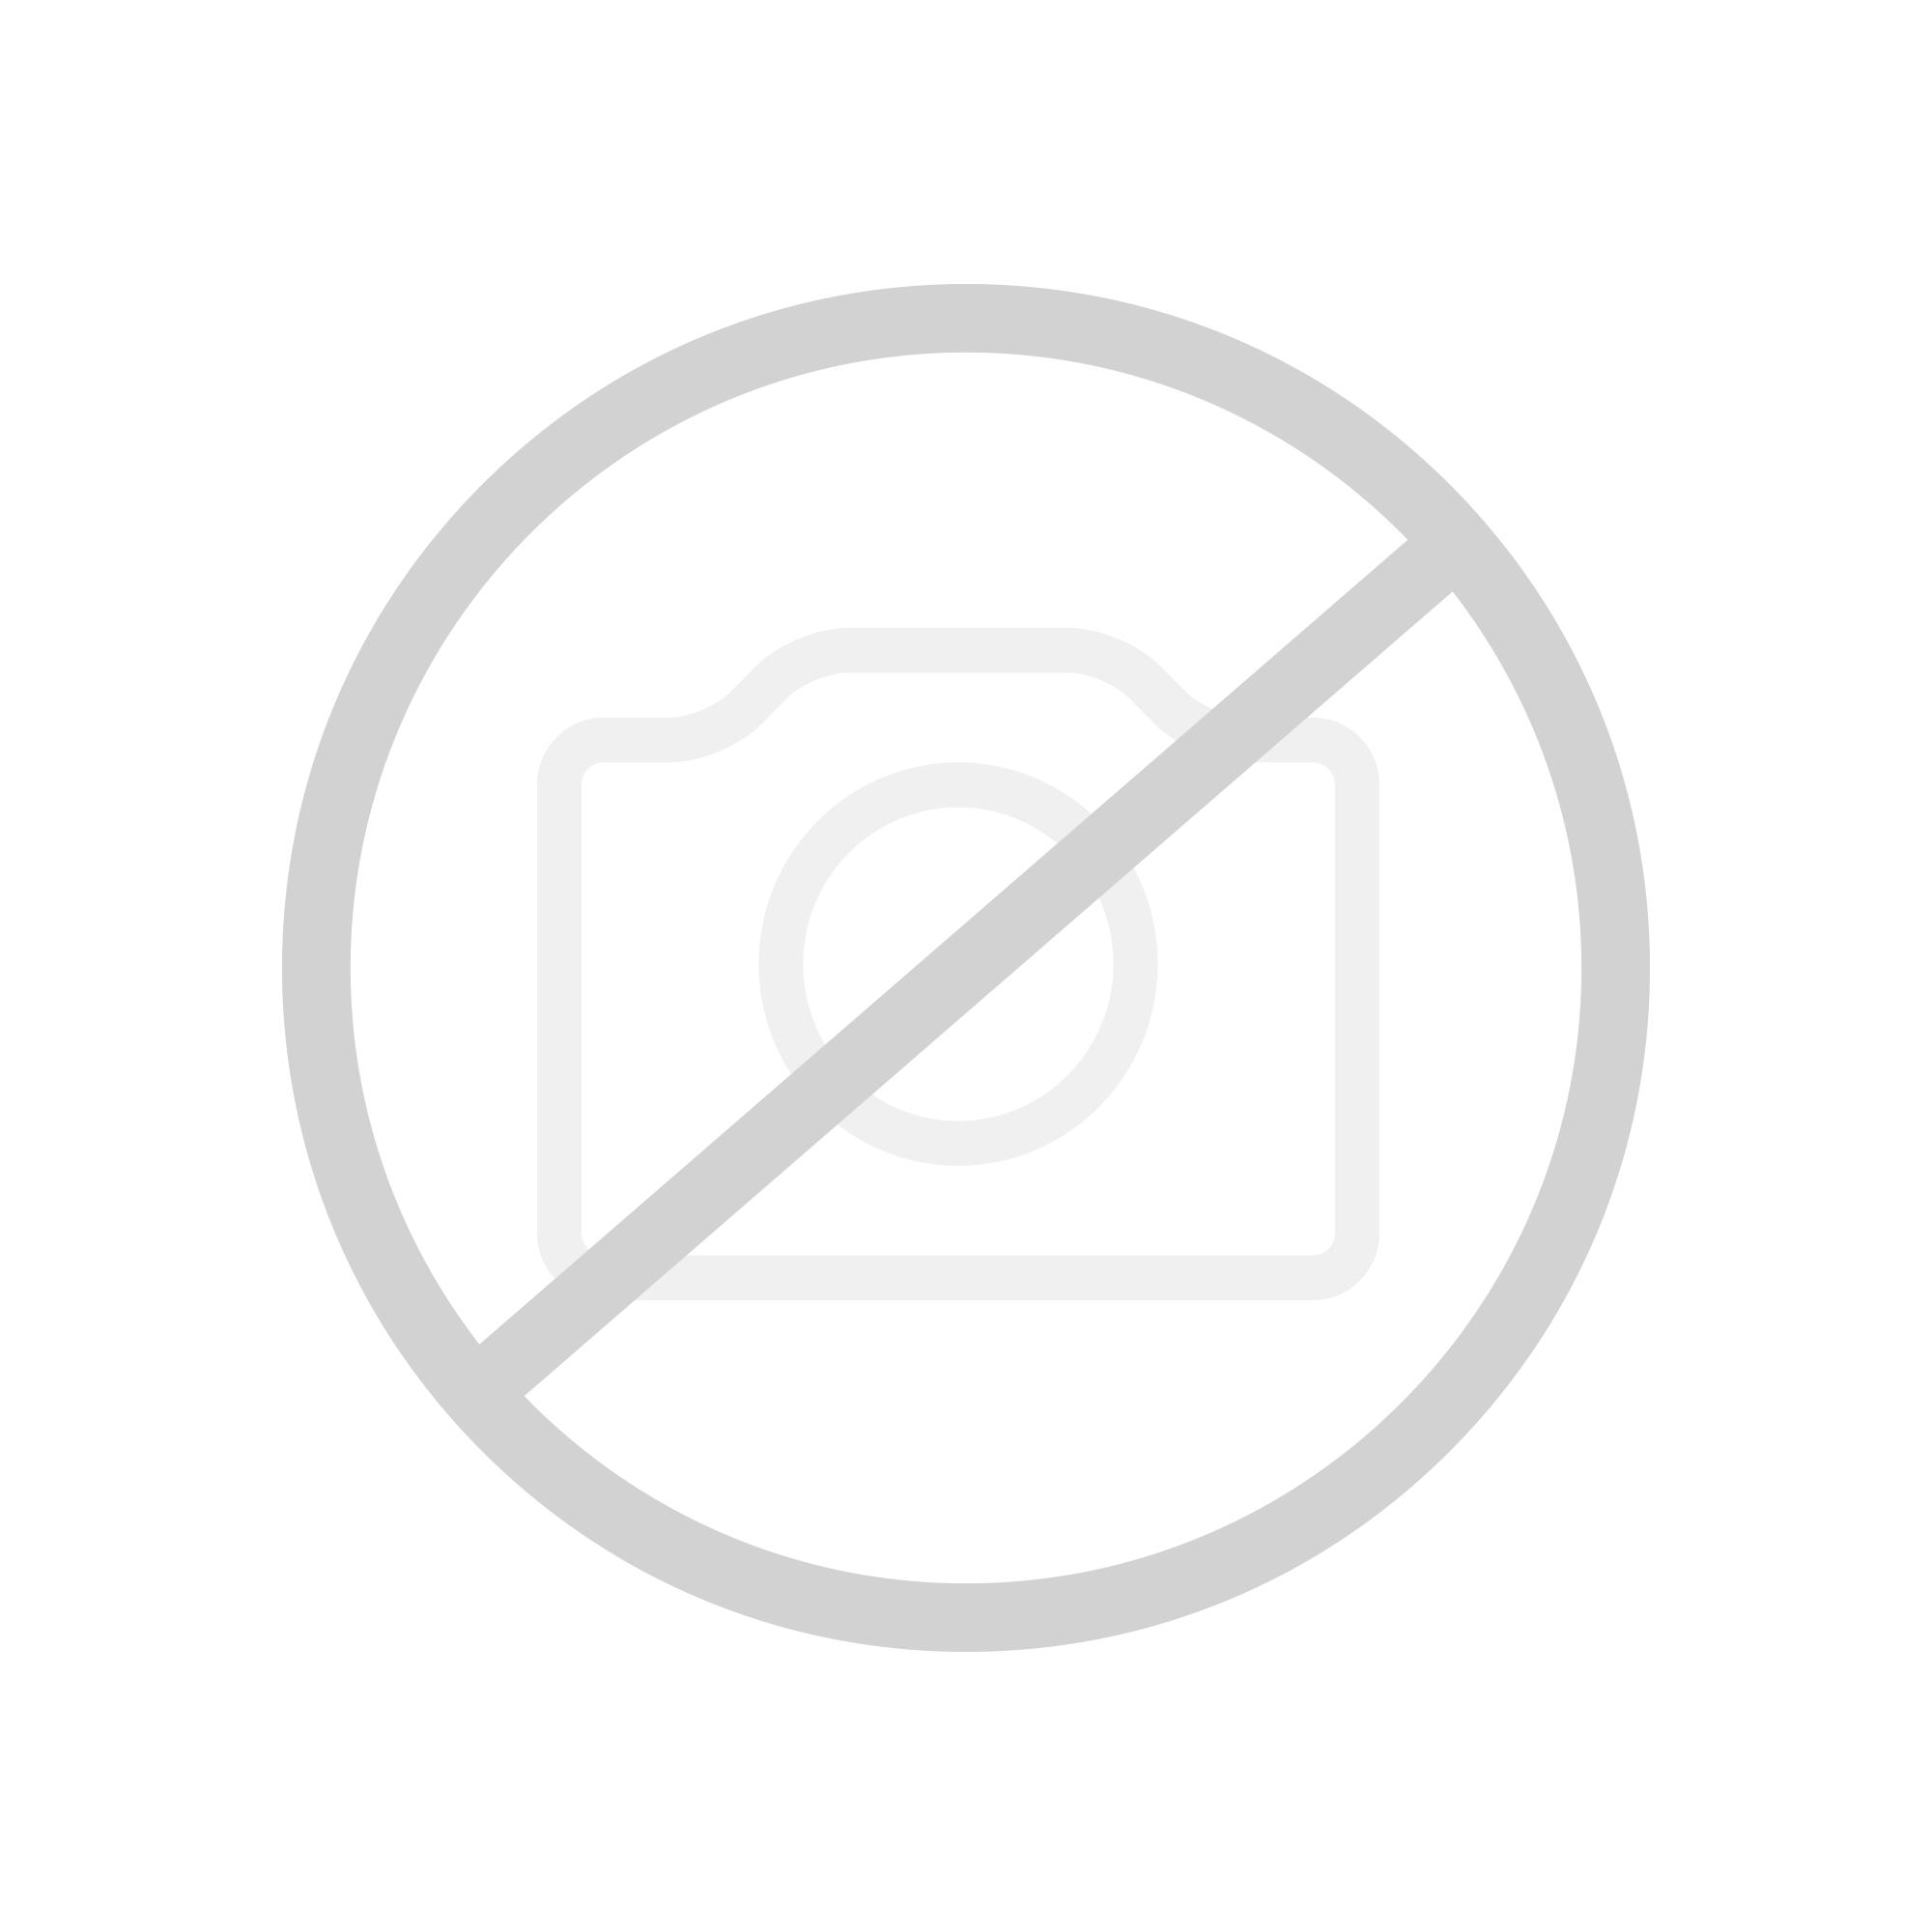 HSK ASP 300 LED Alu Spiegelschrank Anschlag links   1141045#TRL